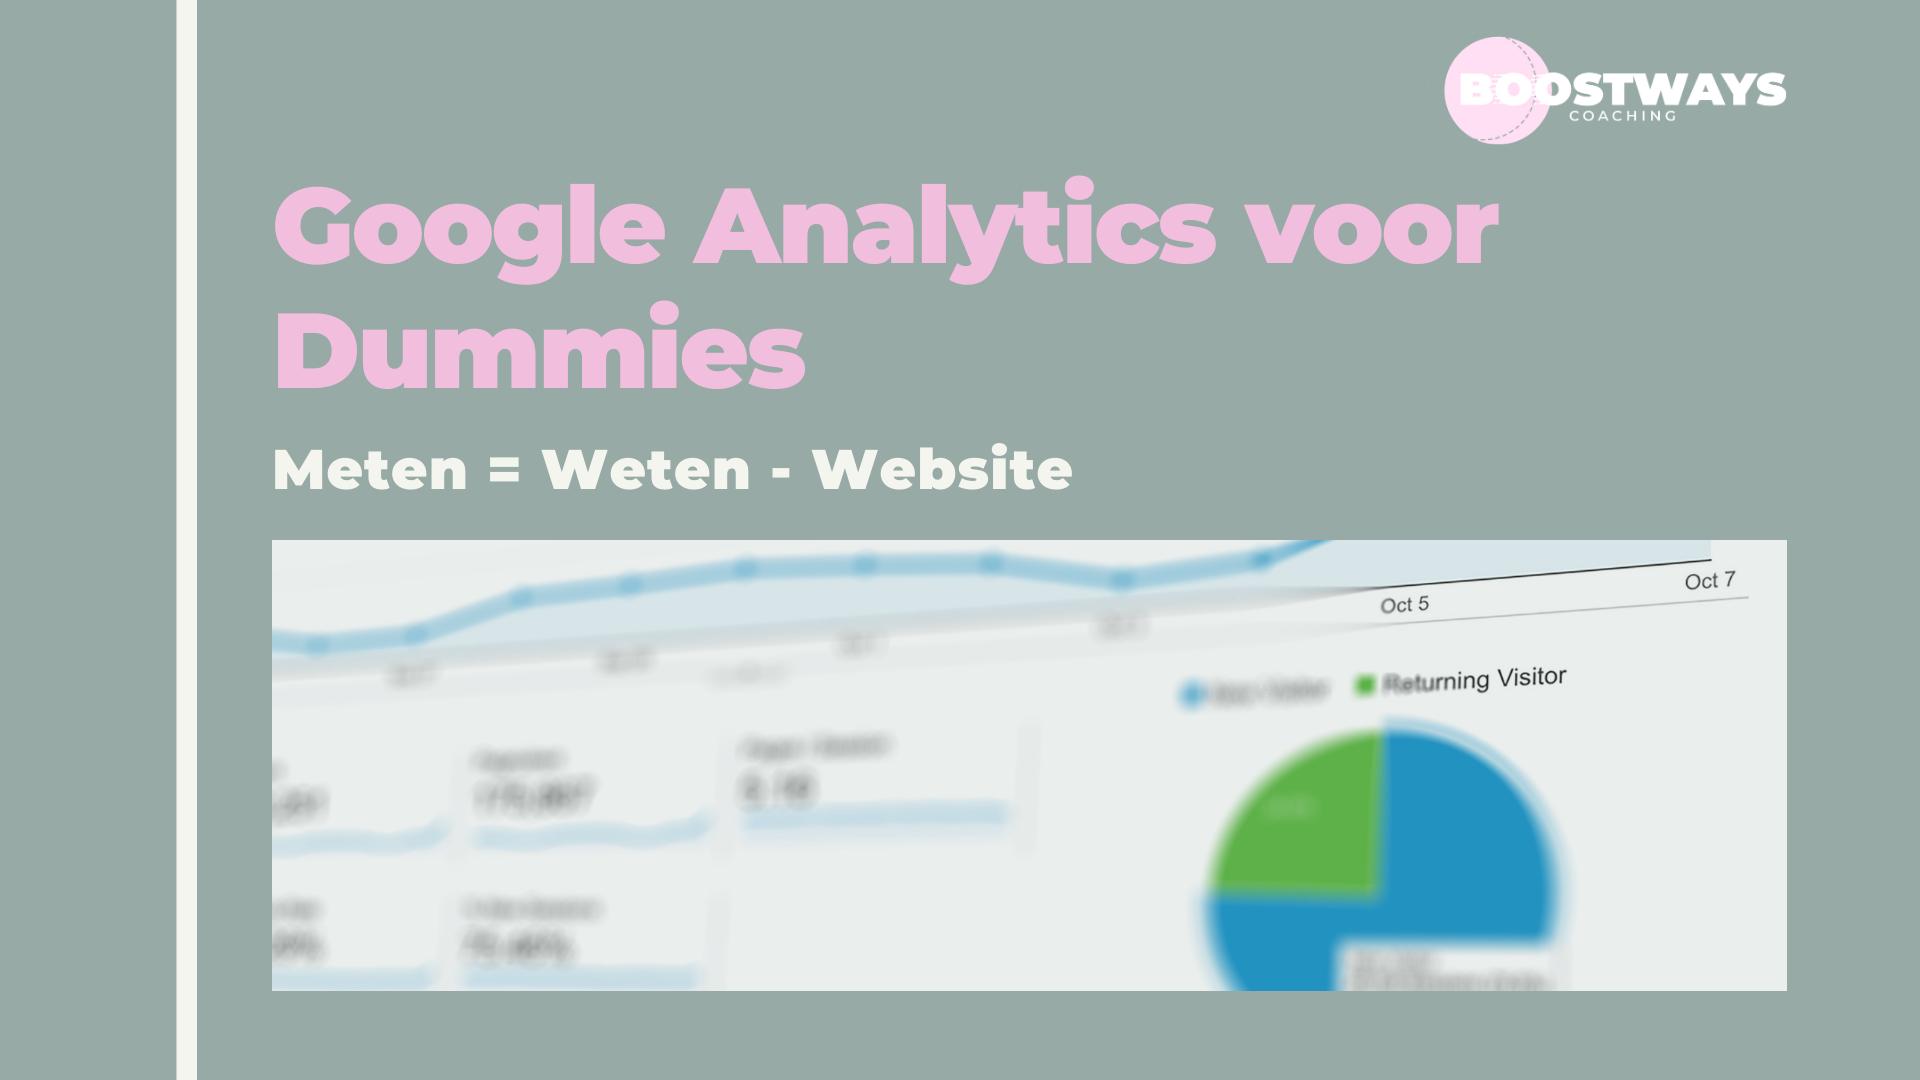 Google Analytics uitgelegd voor Dummies